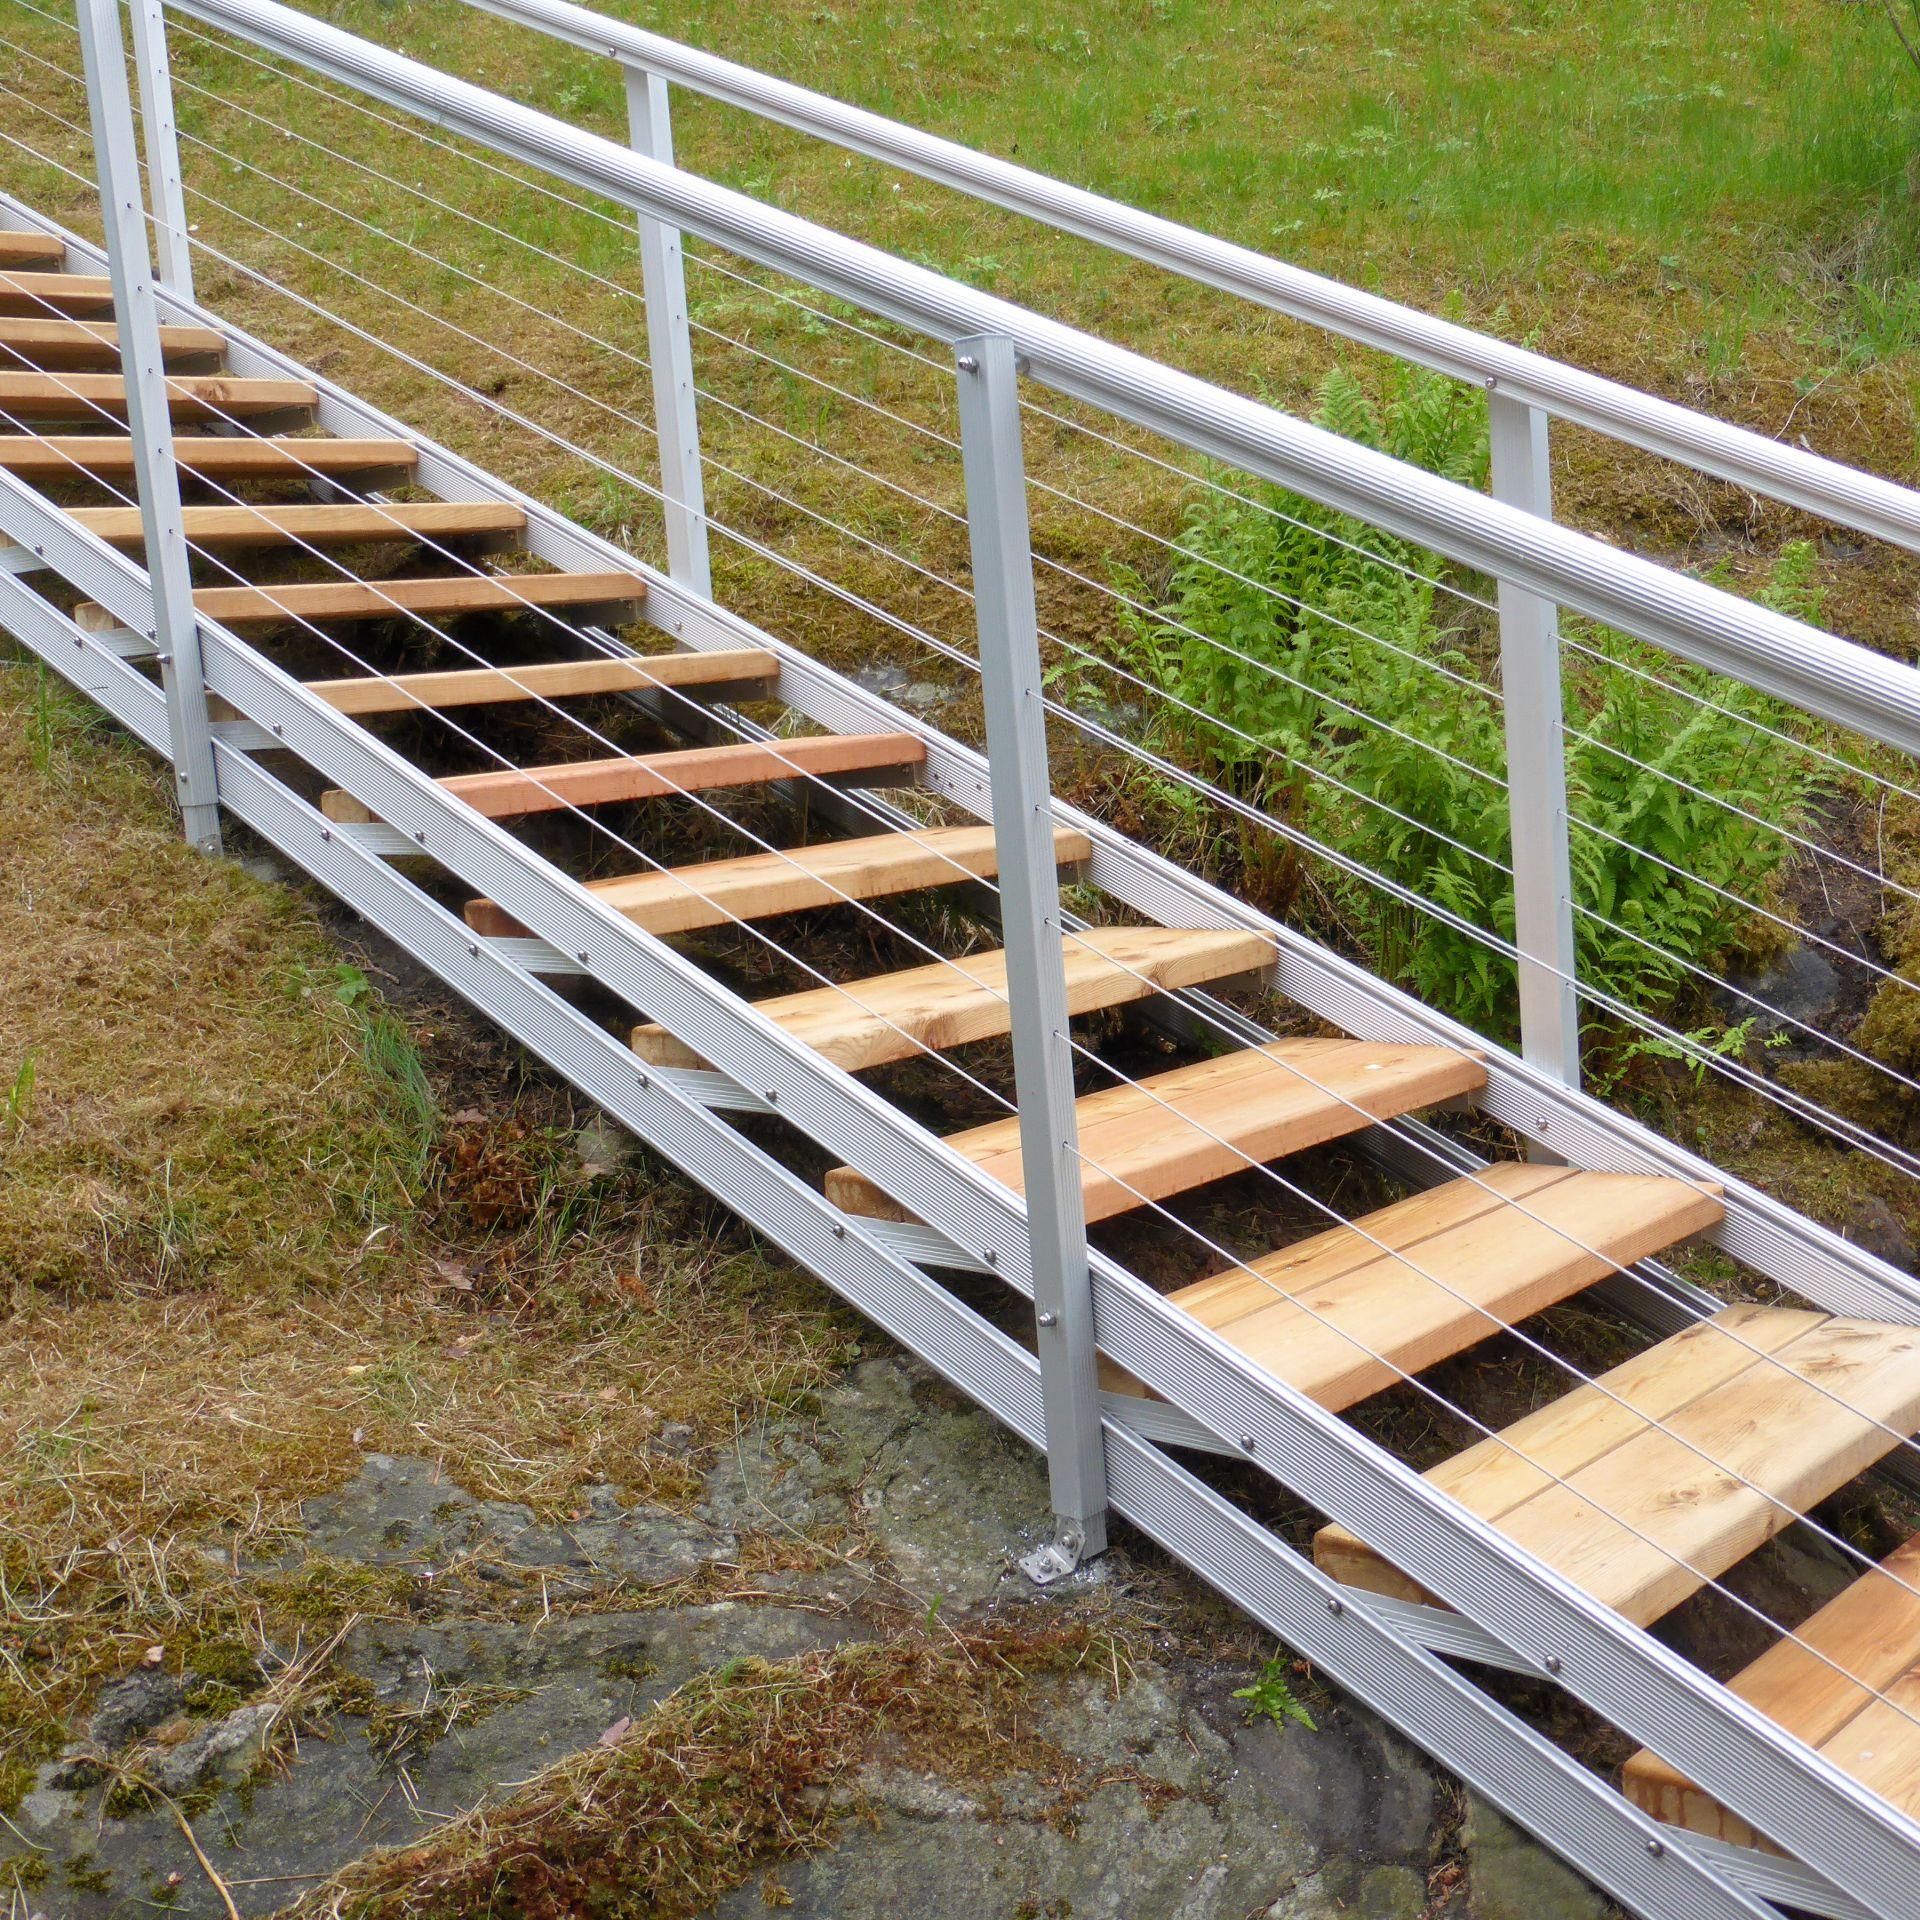 Ulkoporras, Säätöporras jossa kevyt vaikutelma vaijerien avulla. Portaan askelmien leveys 85 cm. Led-valaistus yöllä.